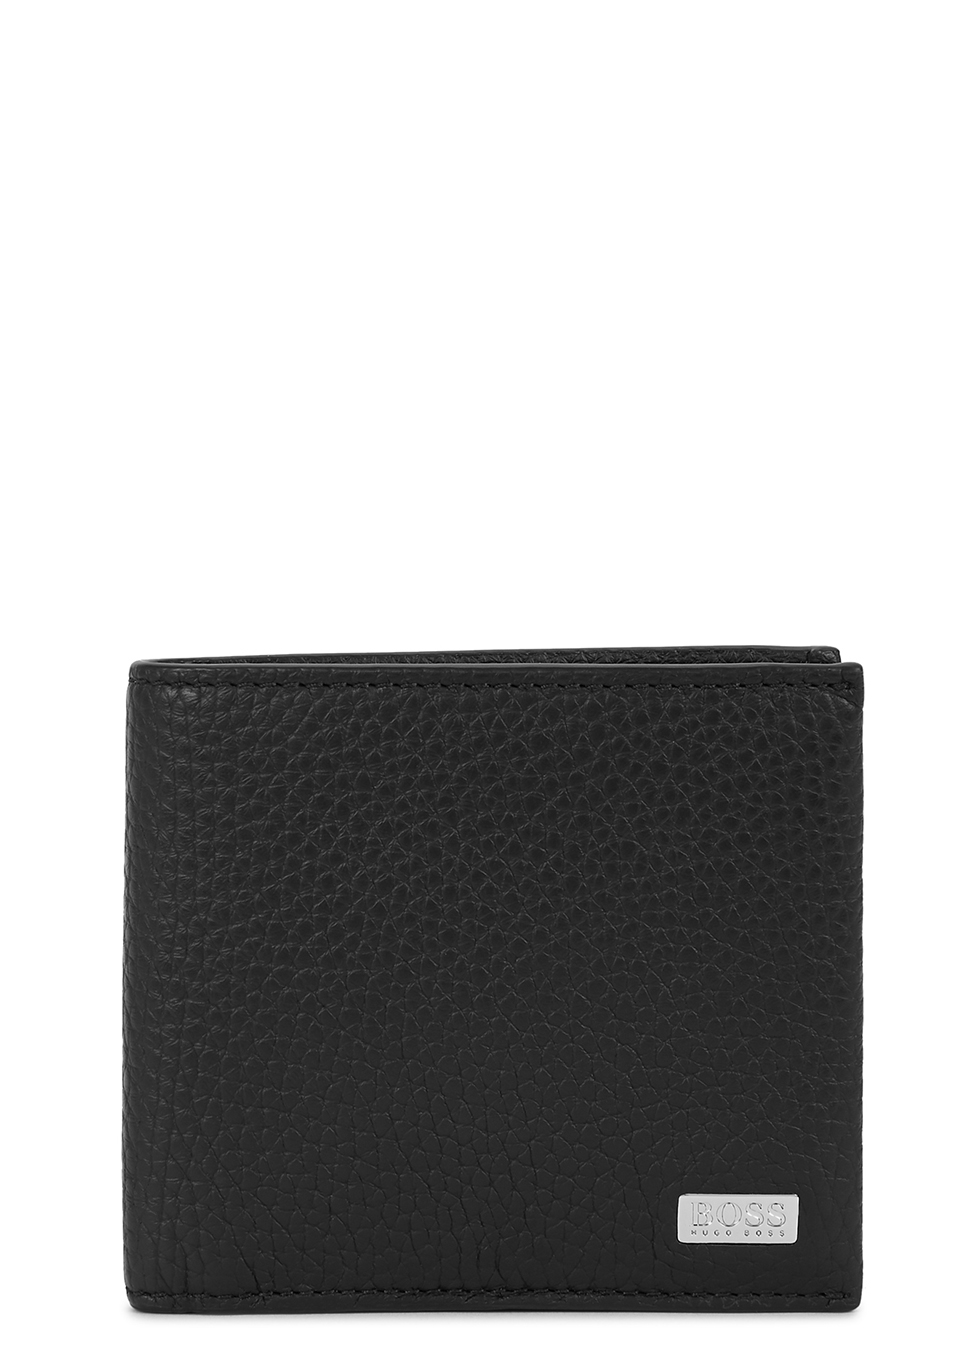 11914e6f7 Men's Designer Small Leather Accessories - Harvey Nichols